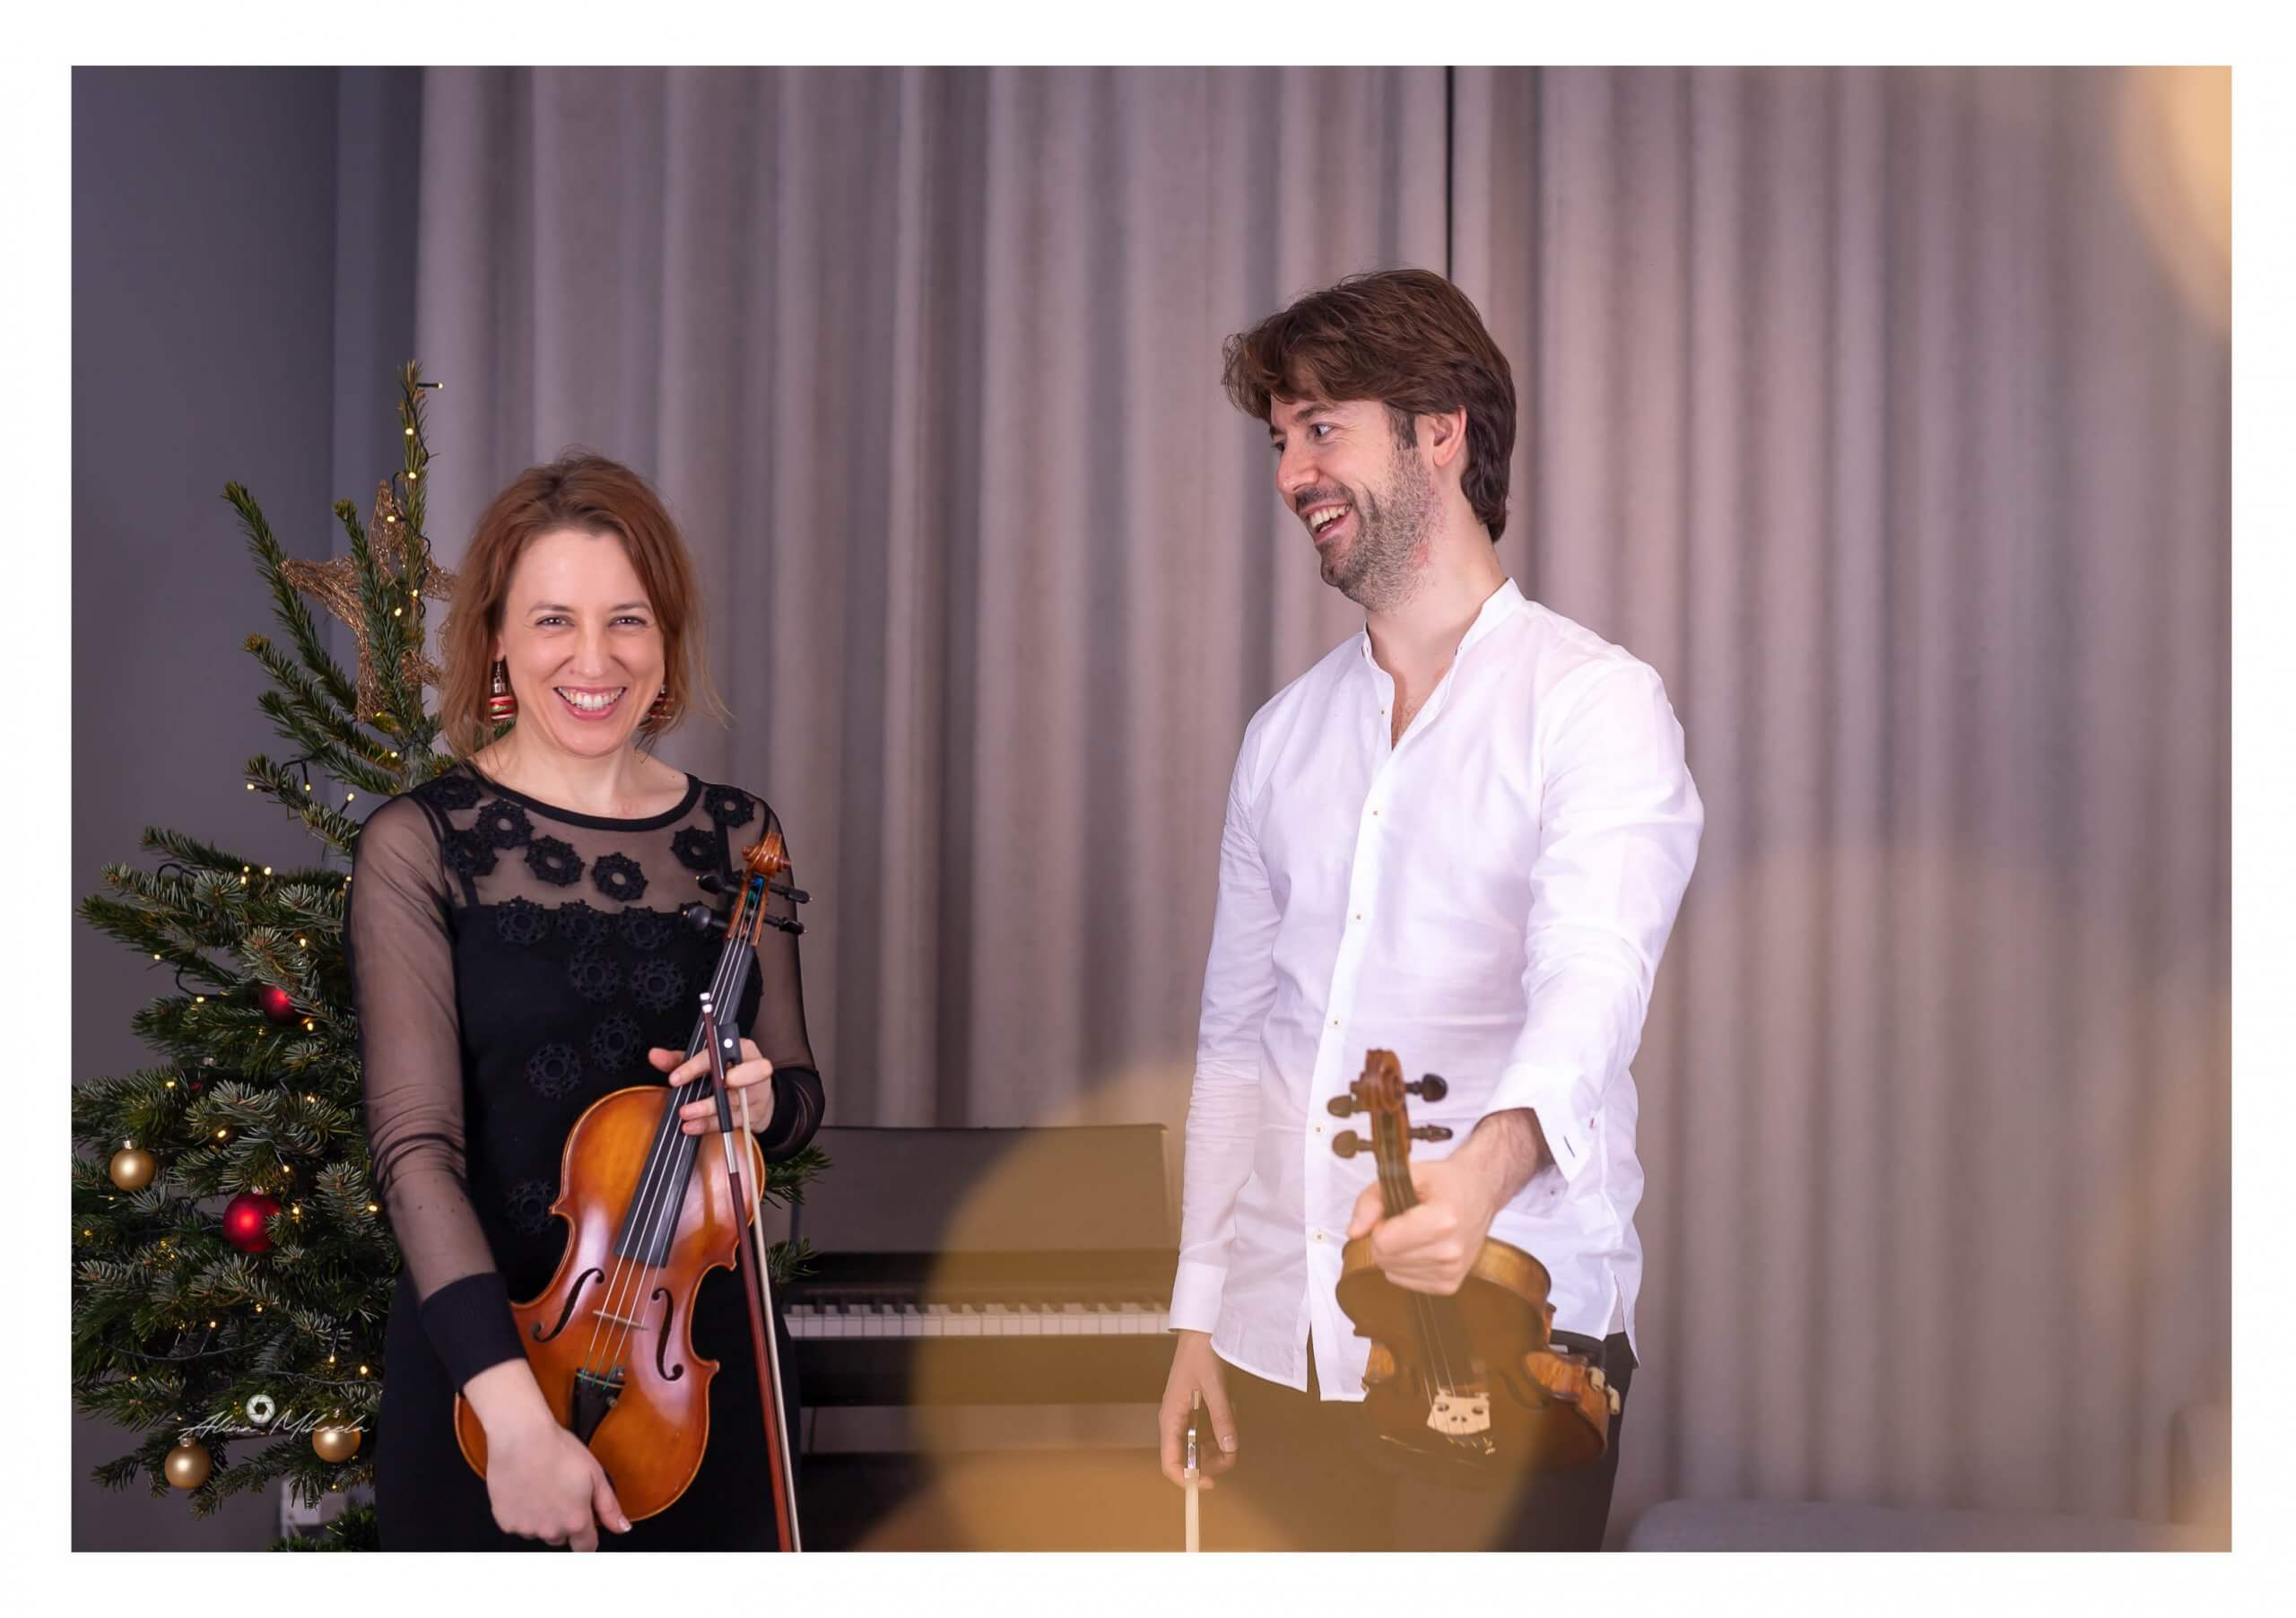 Konzertmeisterin Christine mit ihrem Lehrer Tudor Andrei